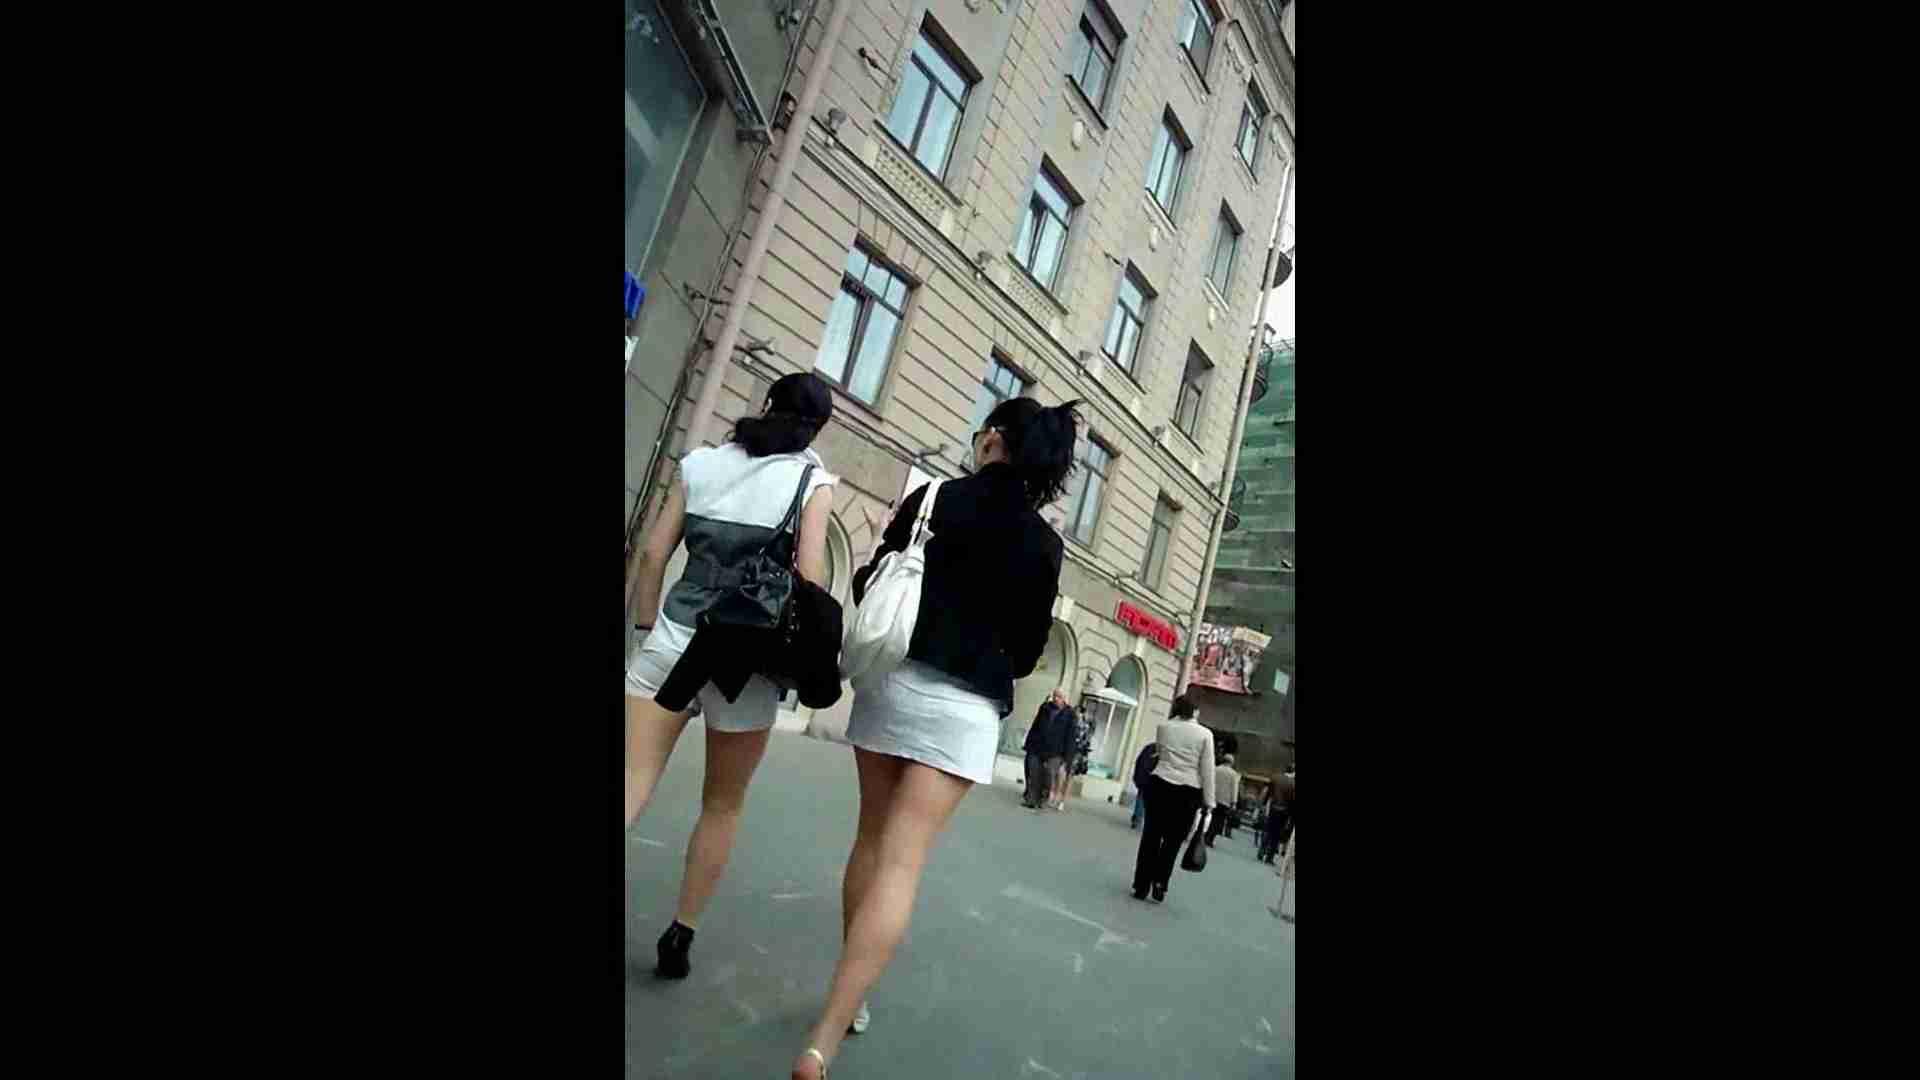 綺麗なモデルさんのスカート捲っちゃおう‼vol01 OLエロ画像  79PICs 22